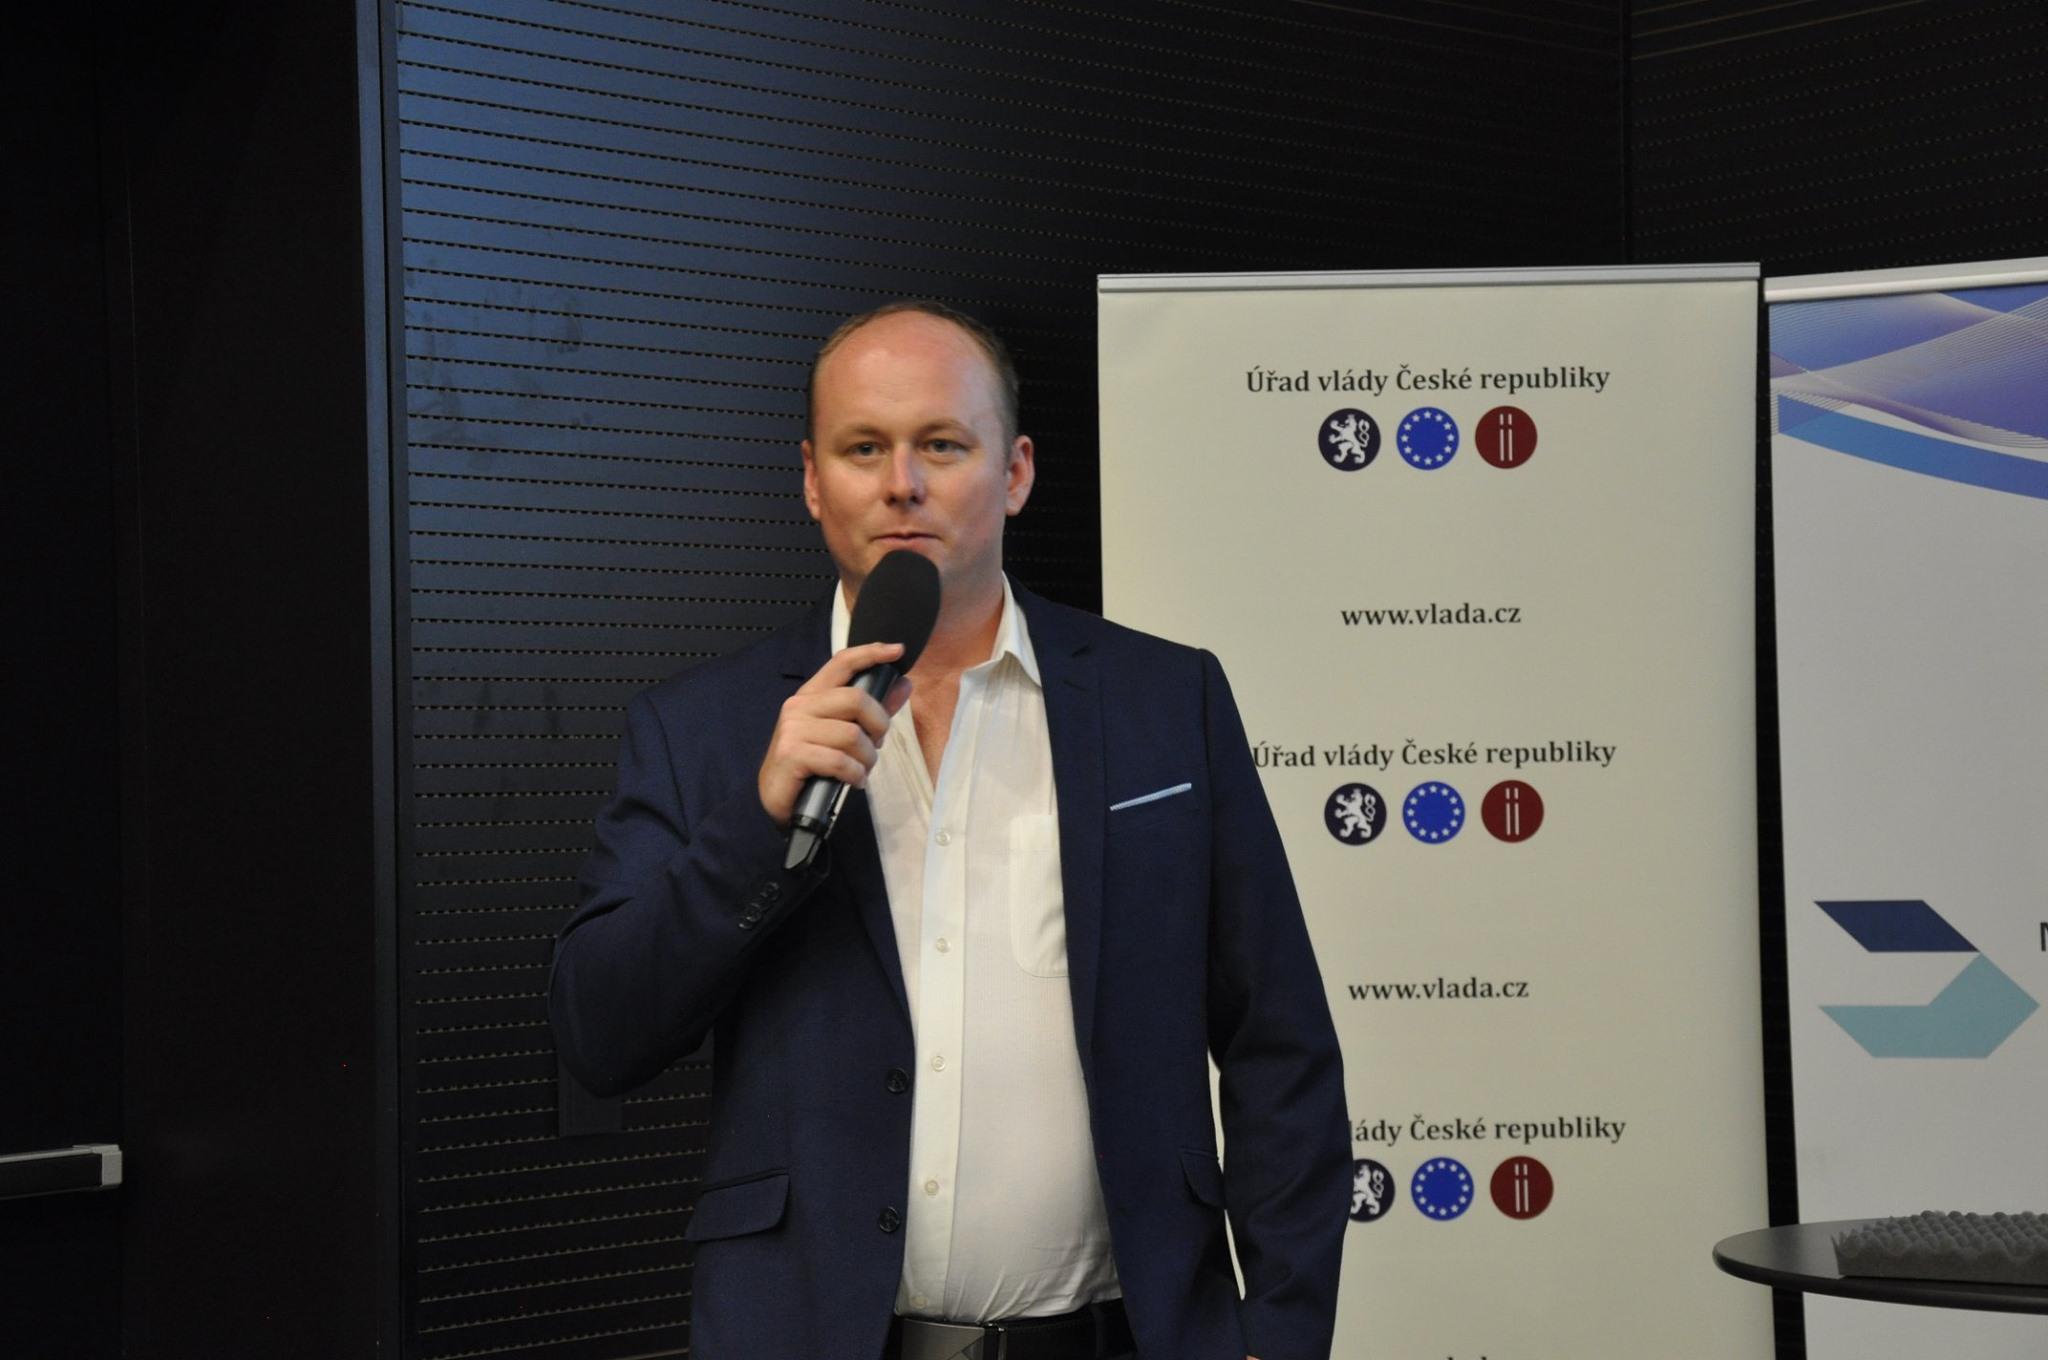 Jakub prezentoval nové trendy a vývoj dronů ve světě na fóru Copernicus 2019